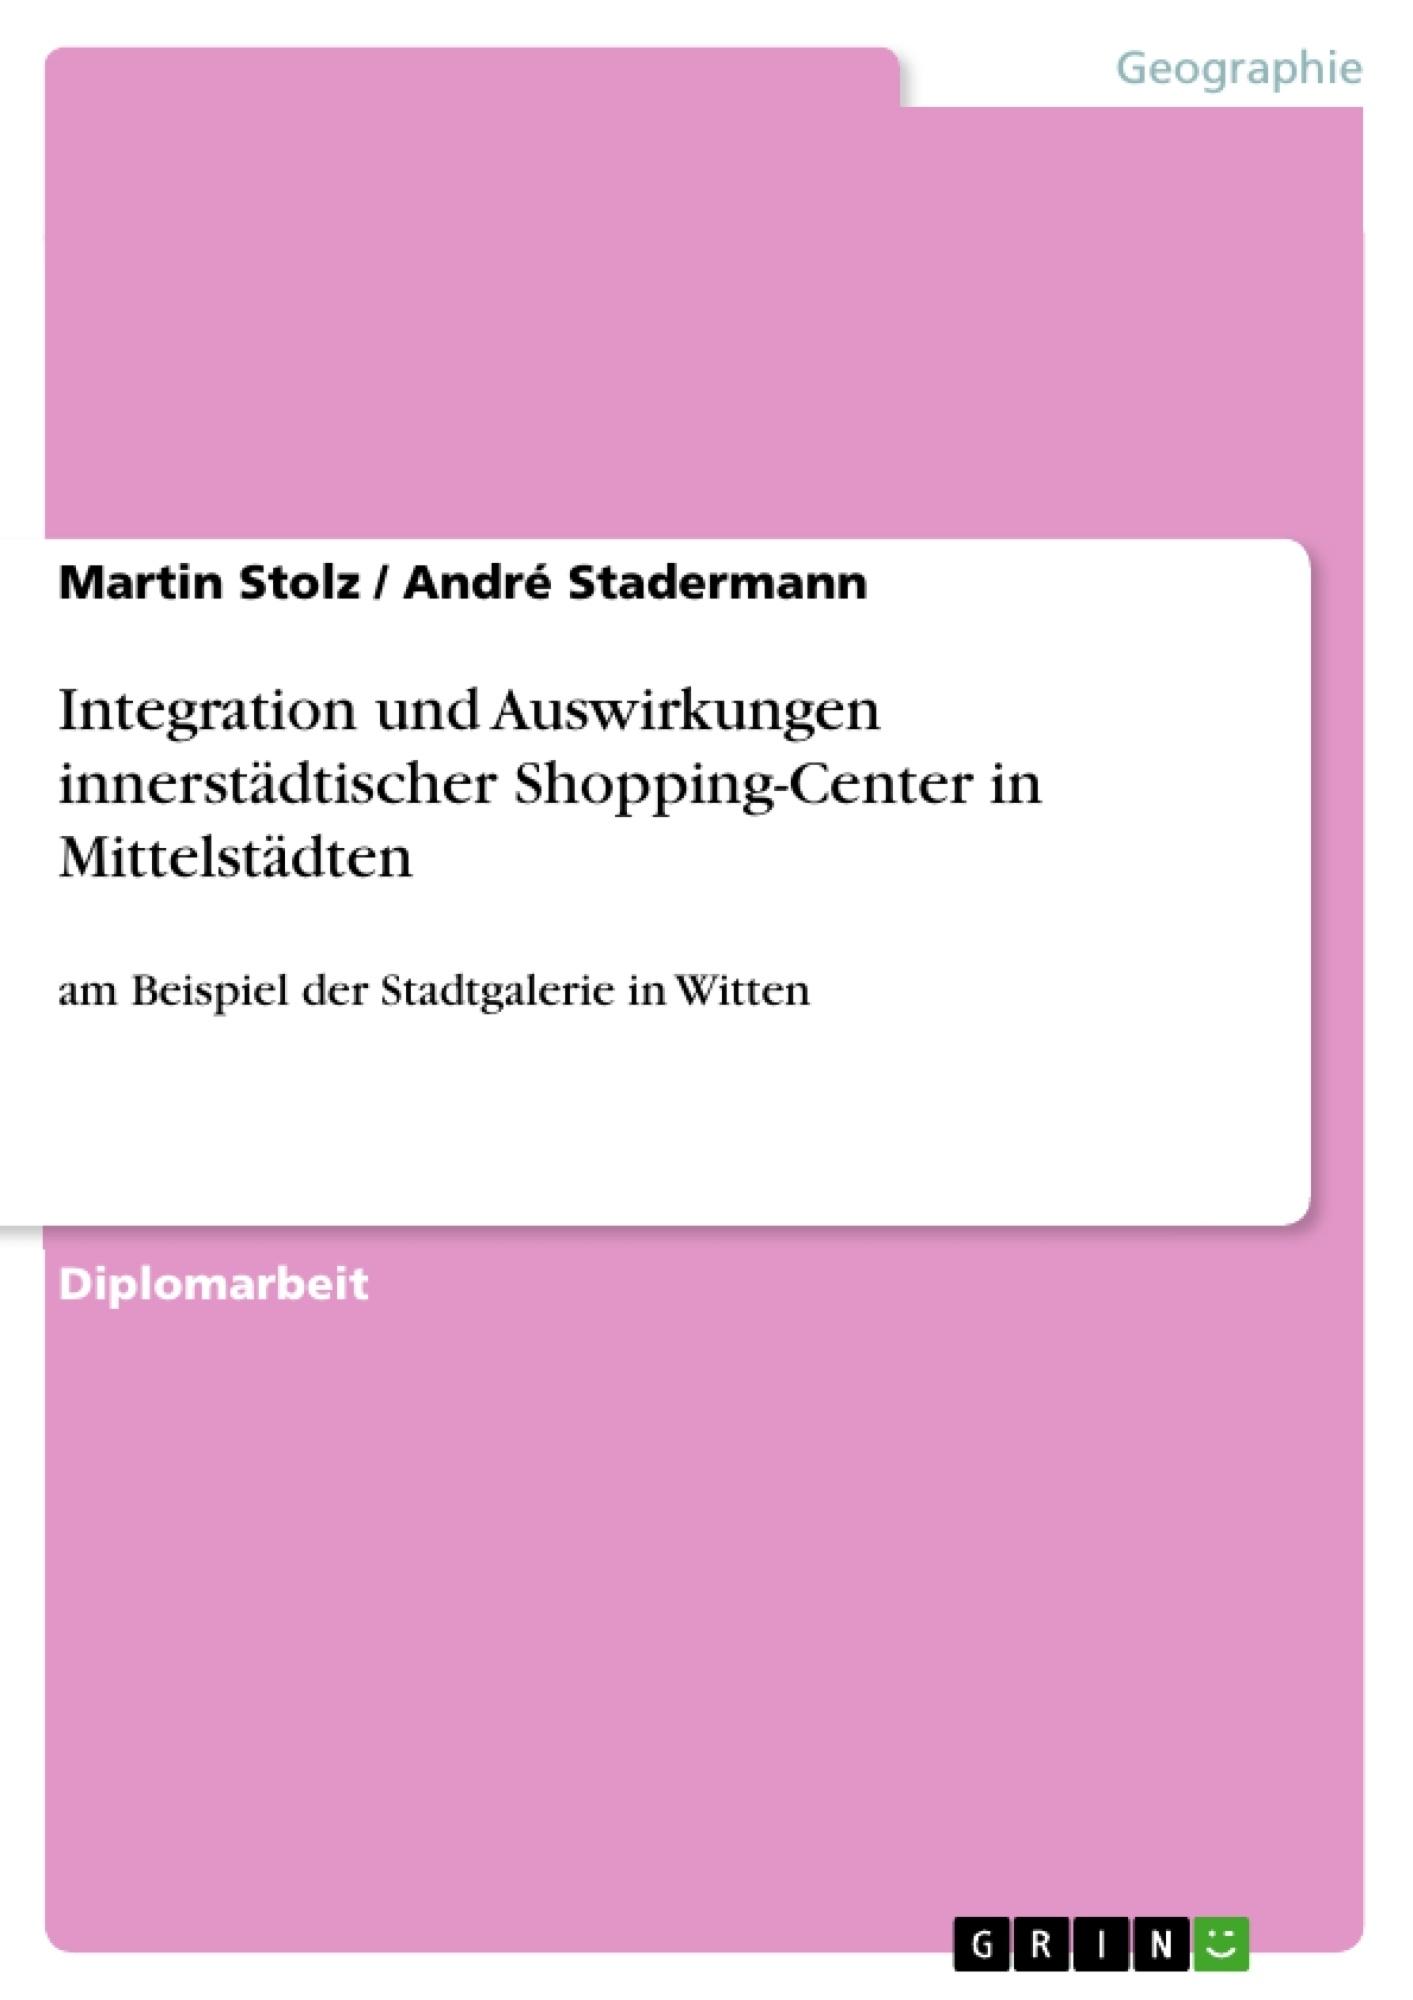 Titel: Integration und Auswirkungen innerstädtischer Shopping-Center in Mittelstädten